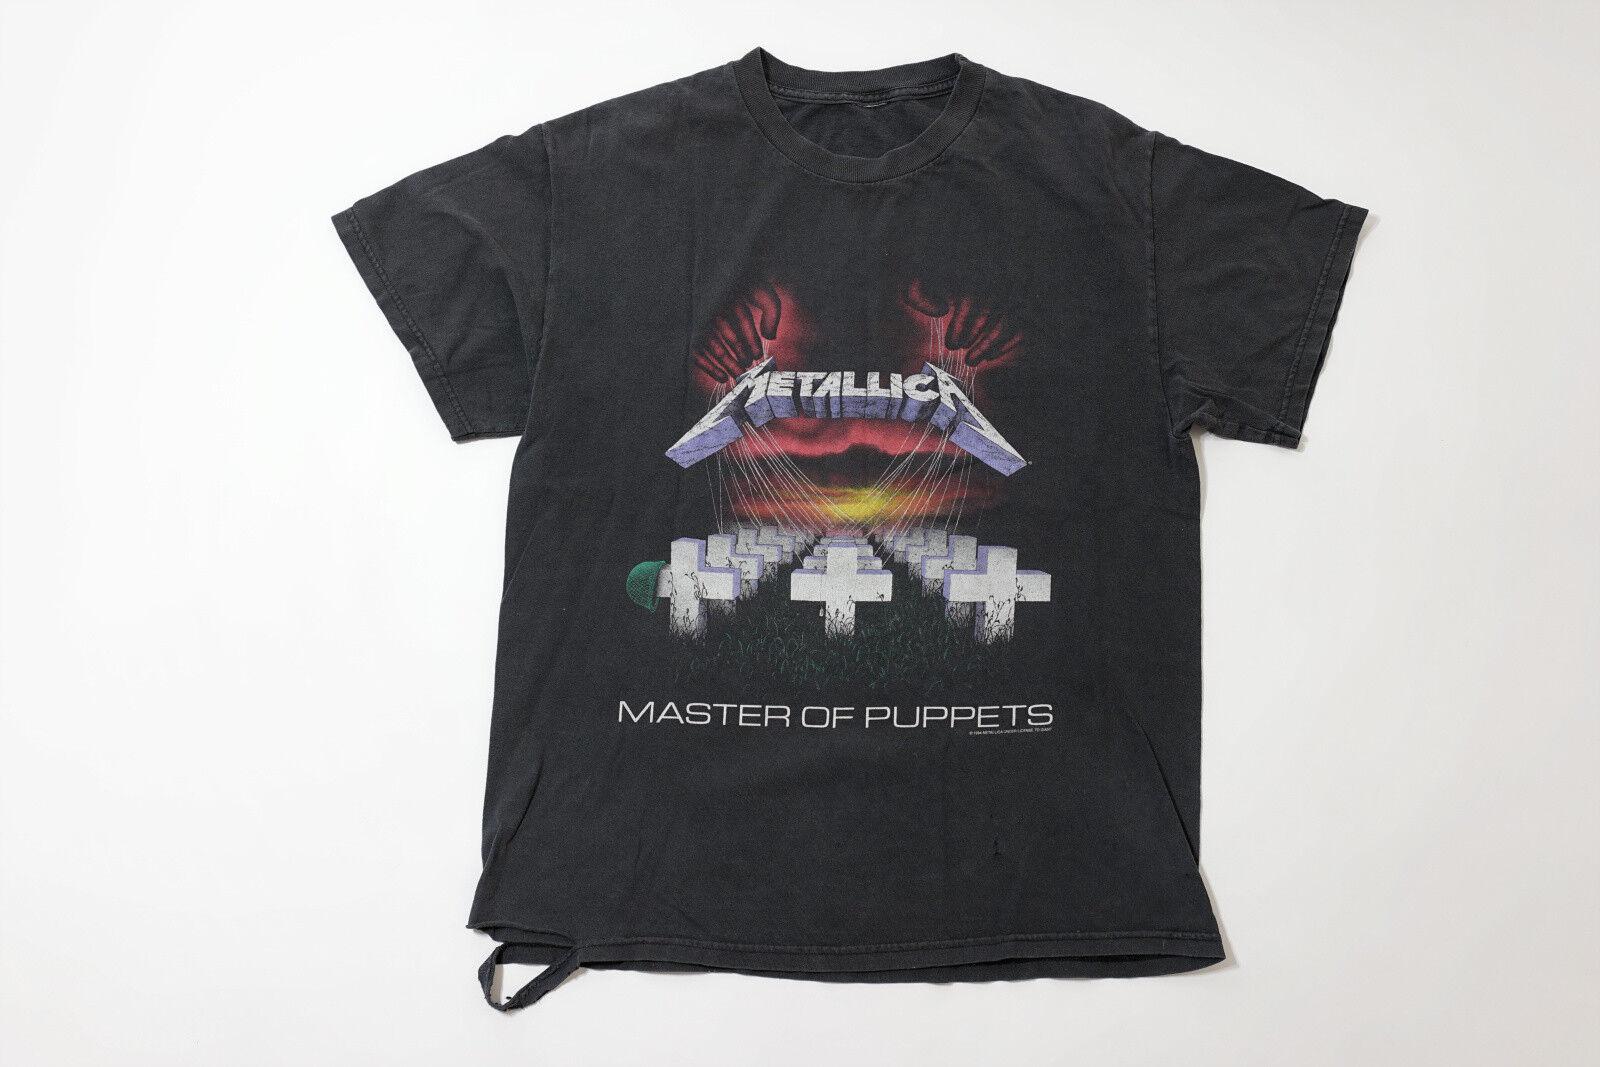 Vintage Metallica Master Of Puppets T Shirt Giant 90s VTG 1994 Größe Large L